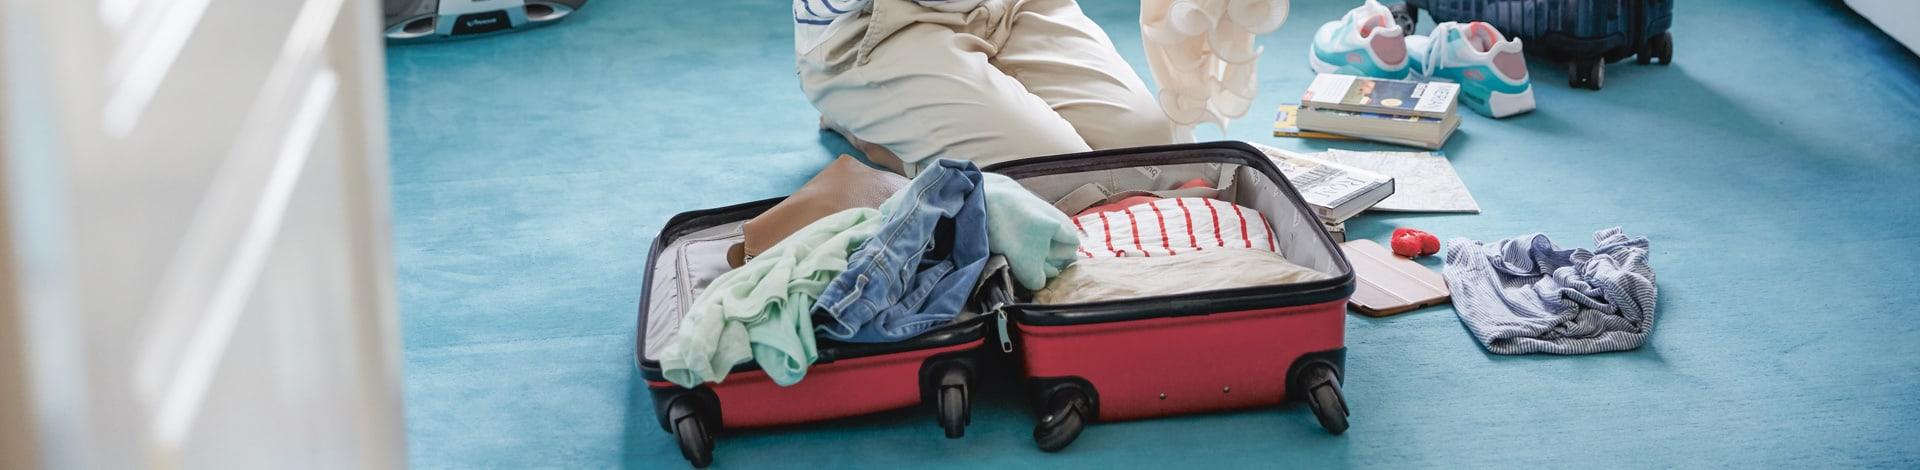 Come godersi le ferie senza preoccupazioni e in completo for Assicurazione mobilia domestica